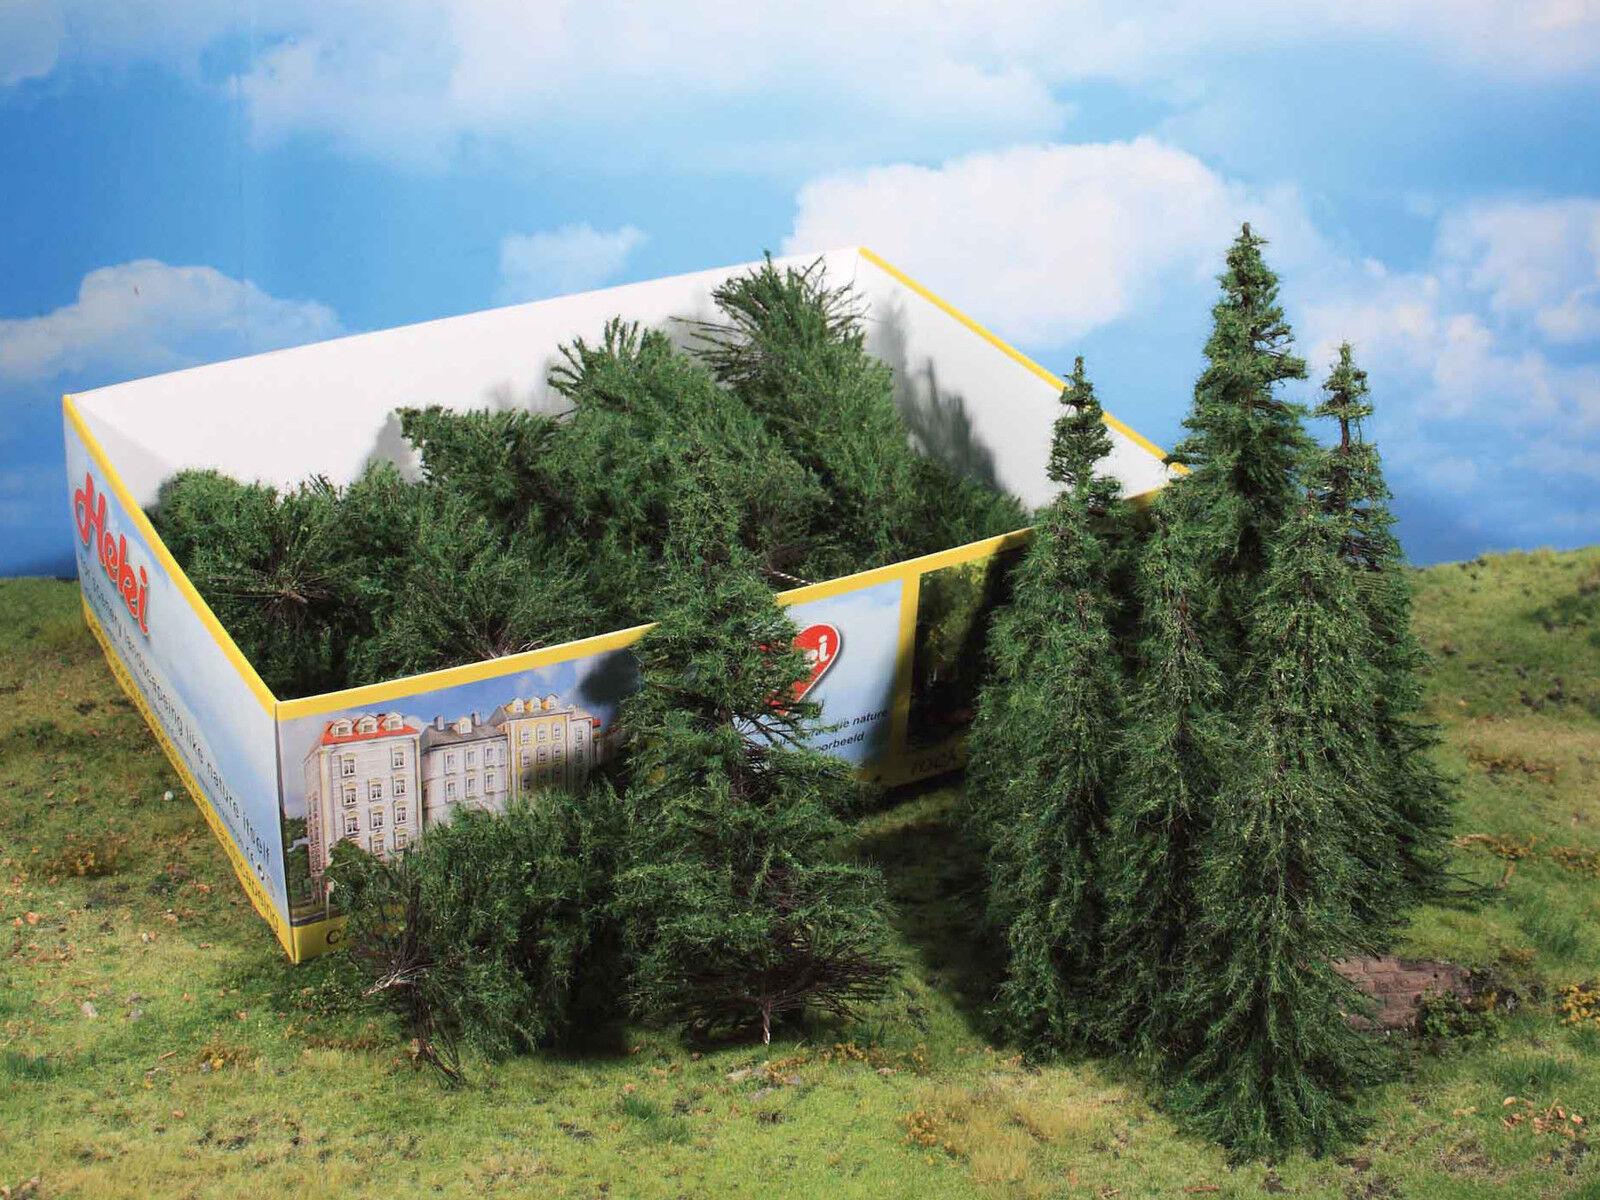 Con 100% de calidad y servicio de% 100. Heki 2056-árboles modelltannen 14-24cm 18x-pista N-nuevo N-nuevo N-nuevo  Envíos y devoluciones gratis.